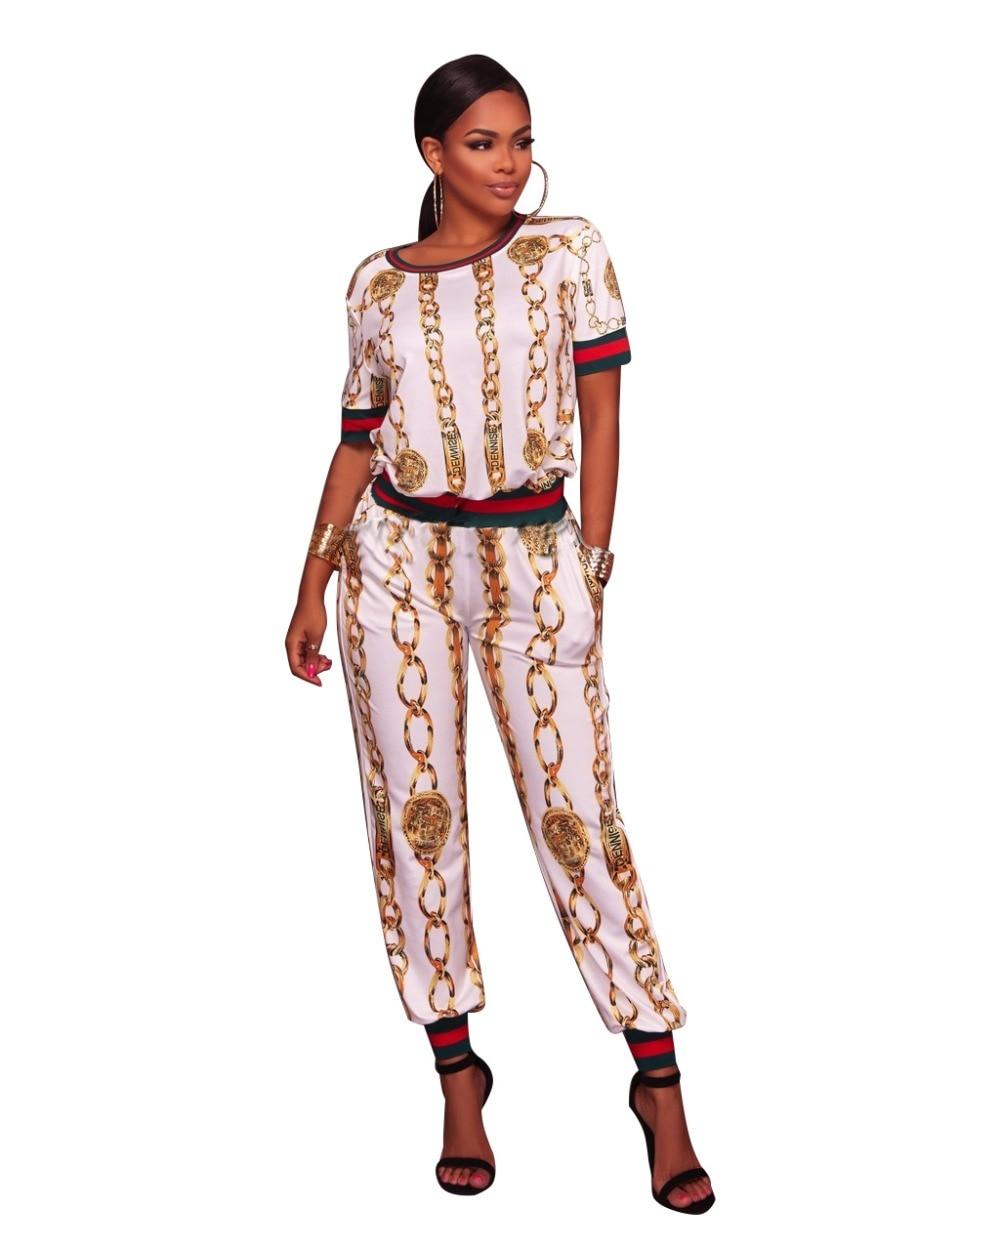 Plus Size S-3XL Women Jumpsuit Long Pants And Crop Top Two Piece Set Print Chain Sexy Romper 2 Pcs Elegant Ladies Playsuit